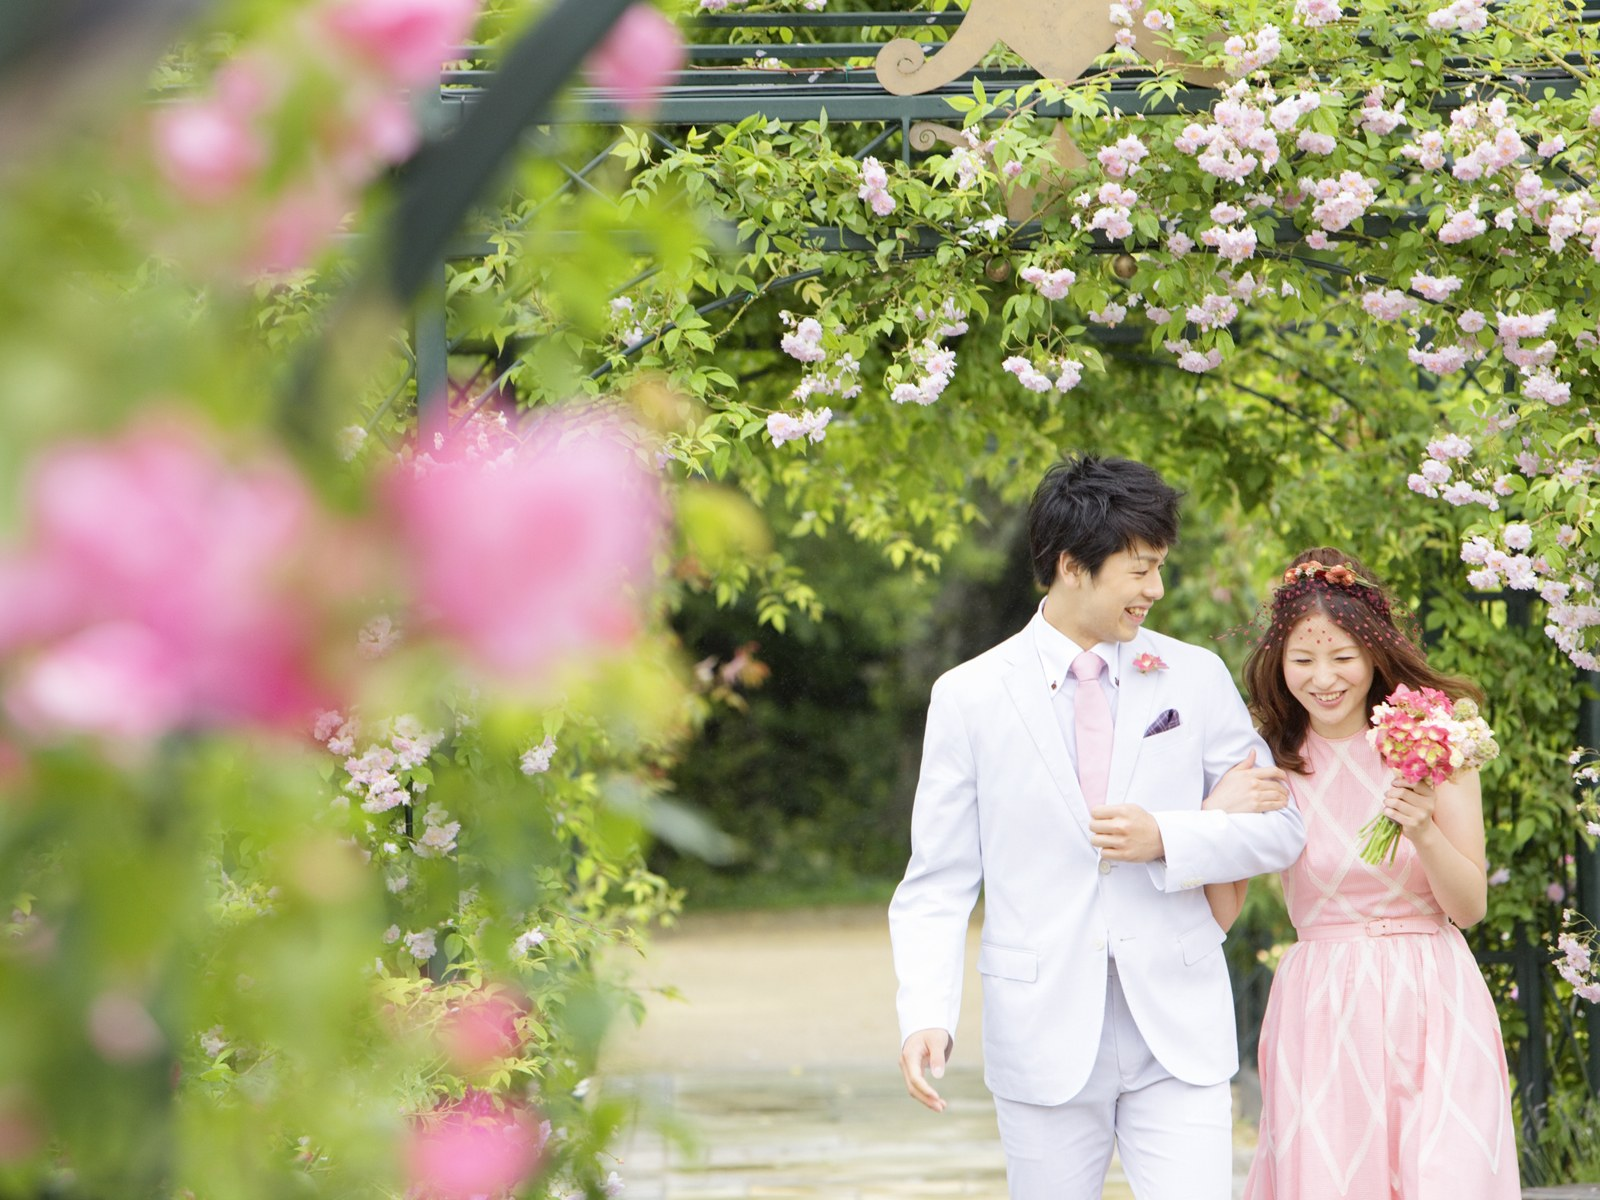 Matrimonio civile: come funziona? Costi, cerimonia, galateo e come vestirsi